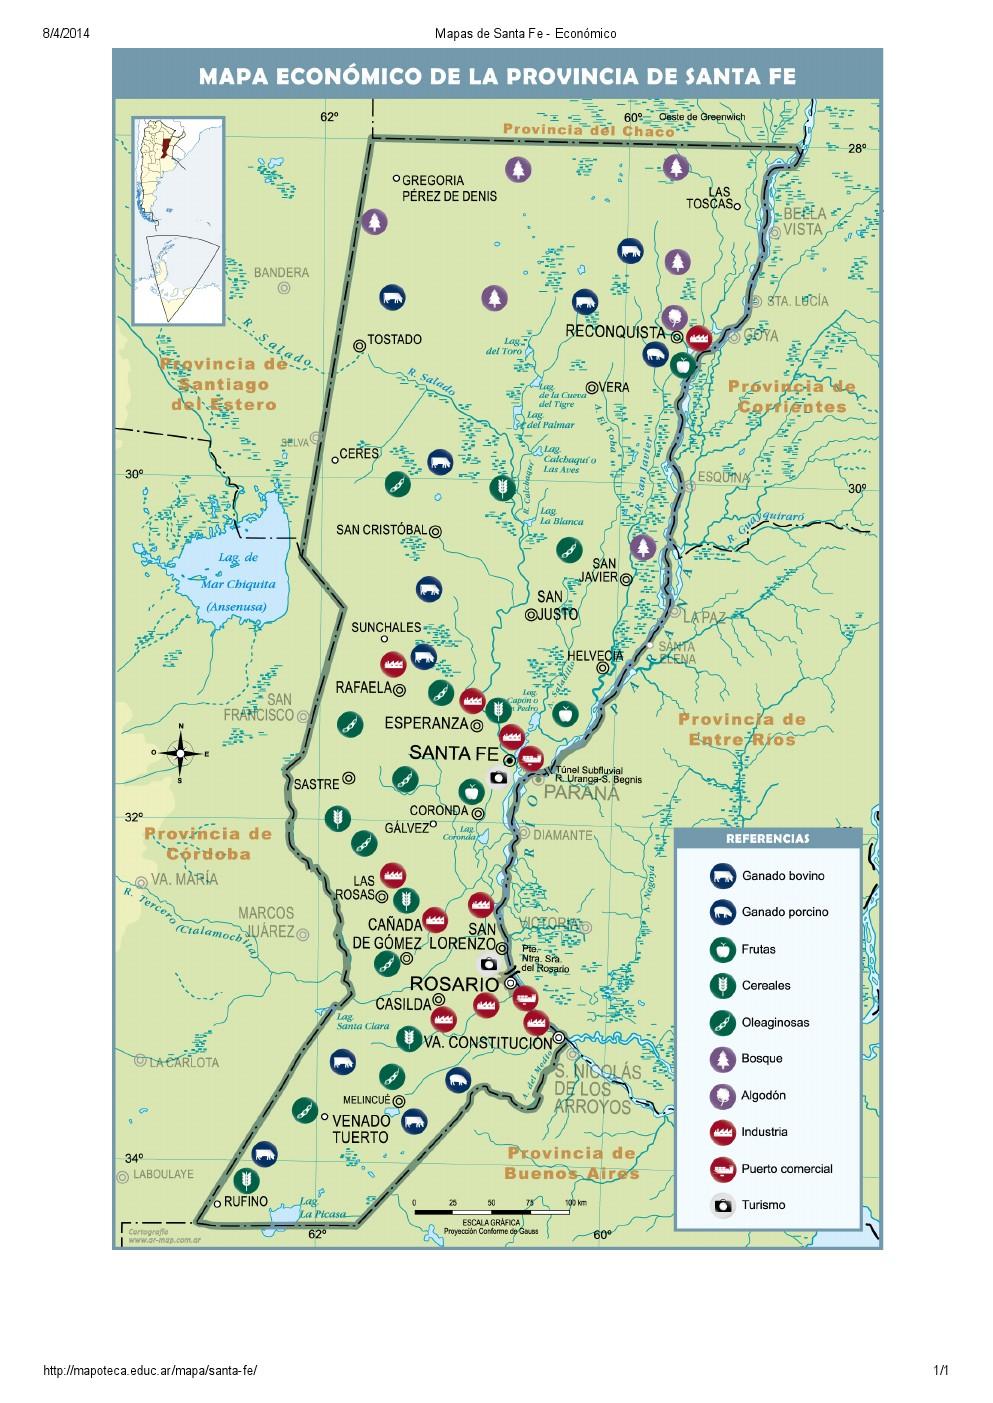 Mapa económico de Santa Fe. Mapoteca de Educ.ar